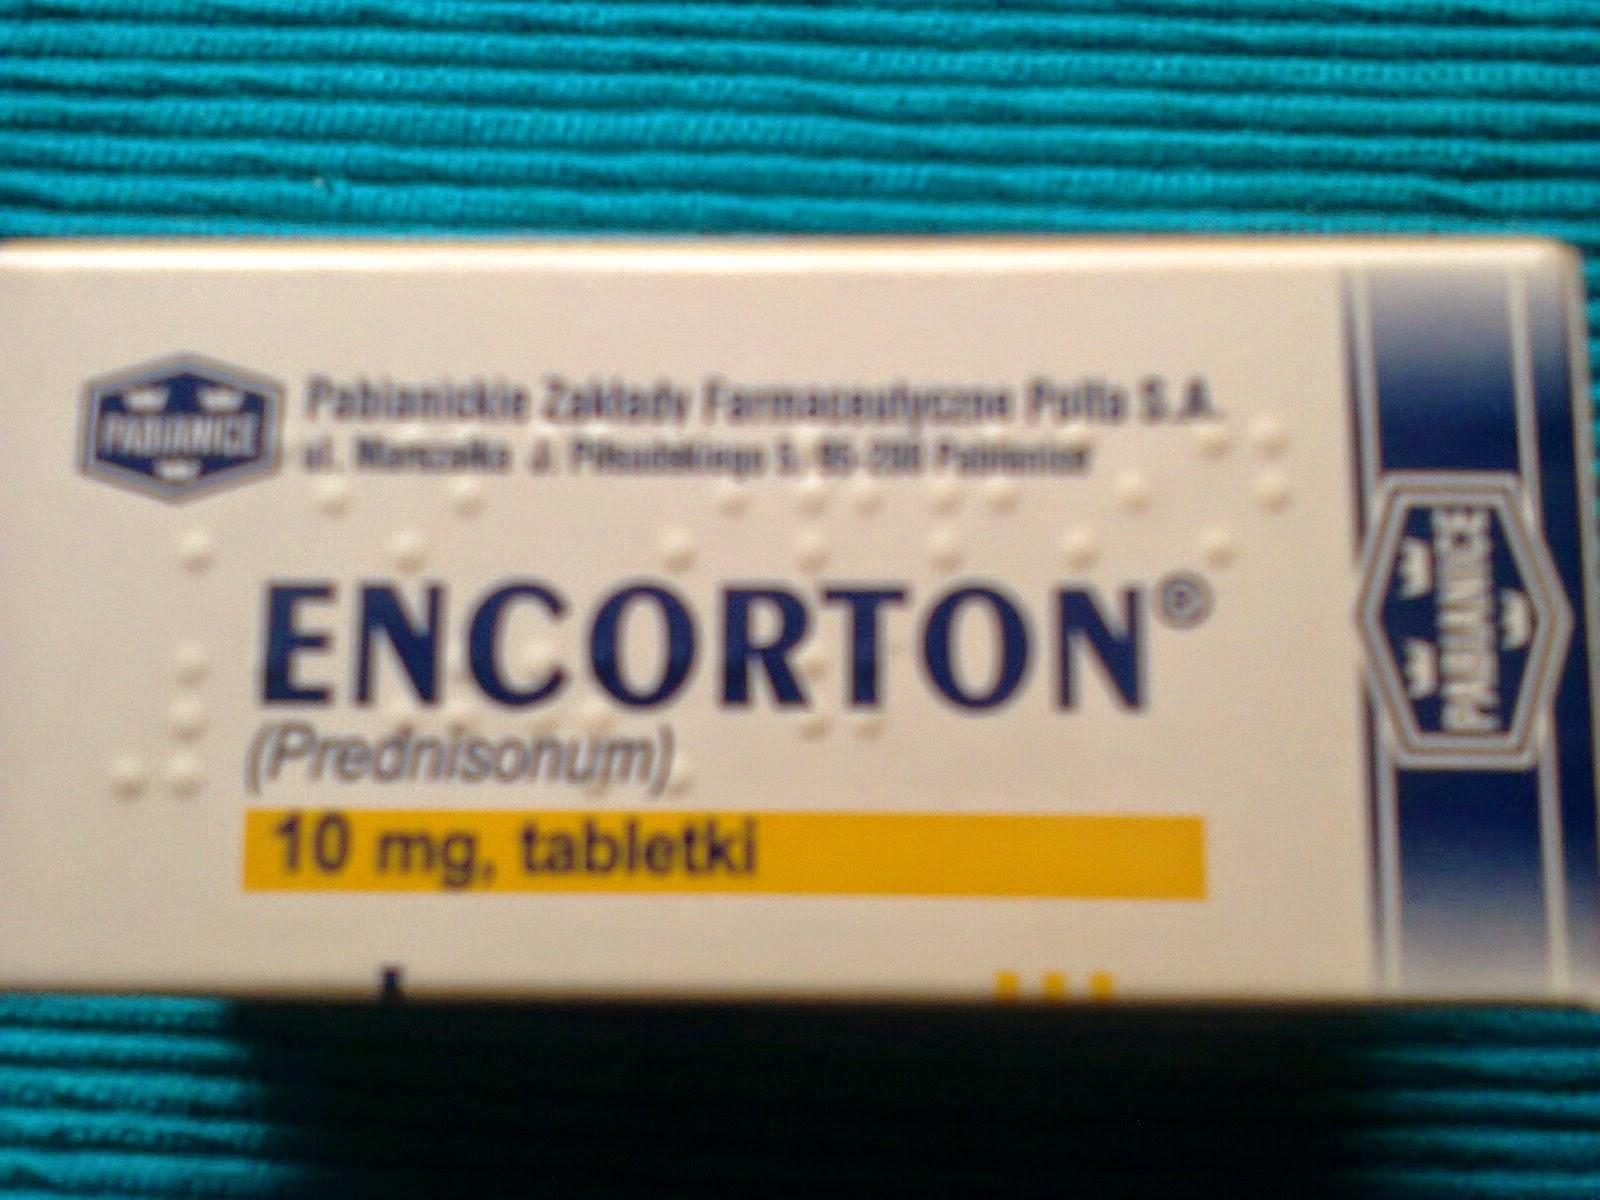 dawkowanie winstrolu w tabletkach